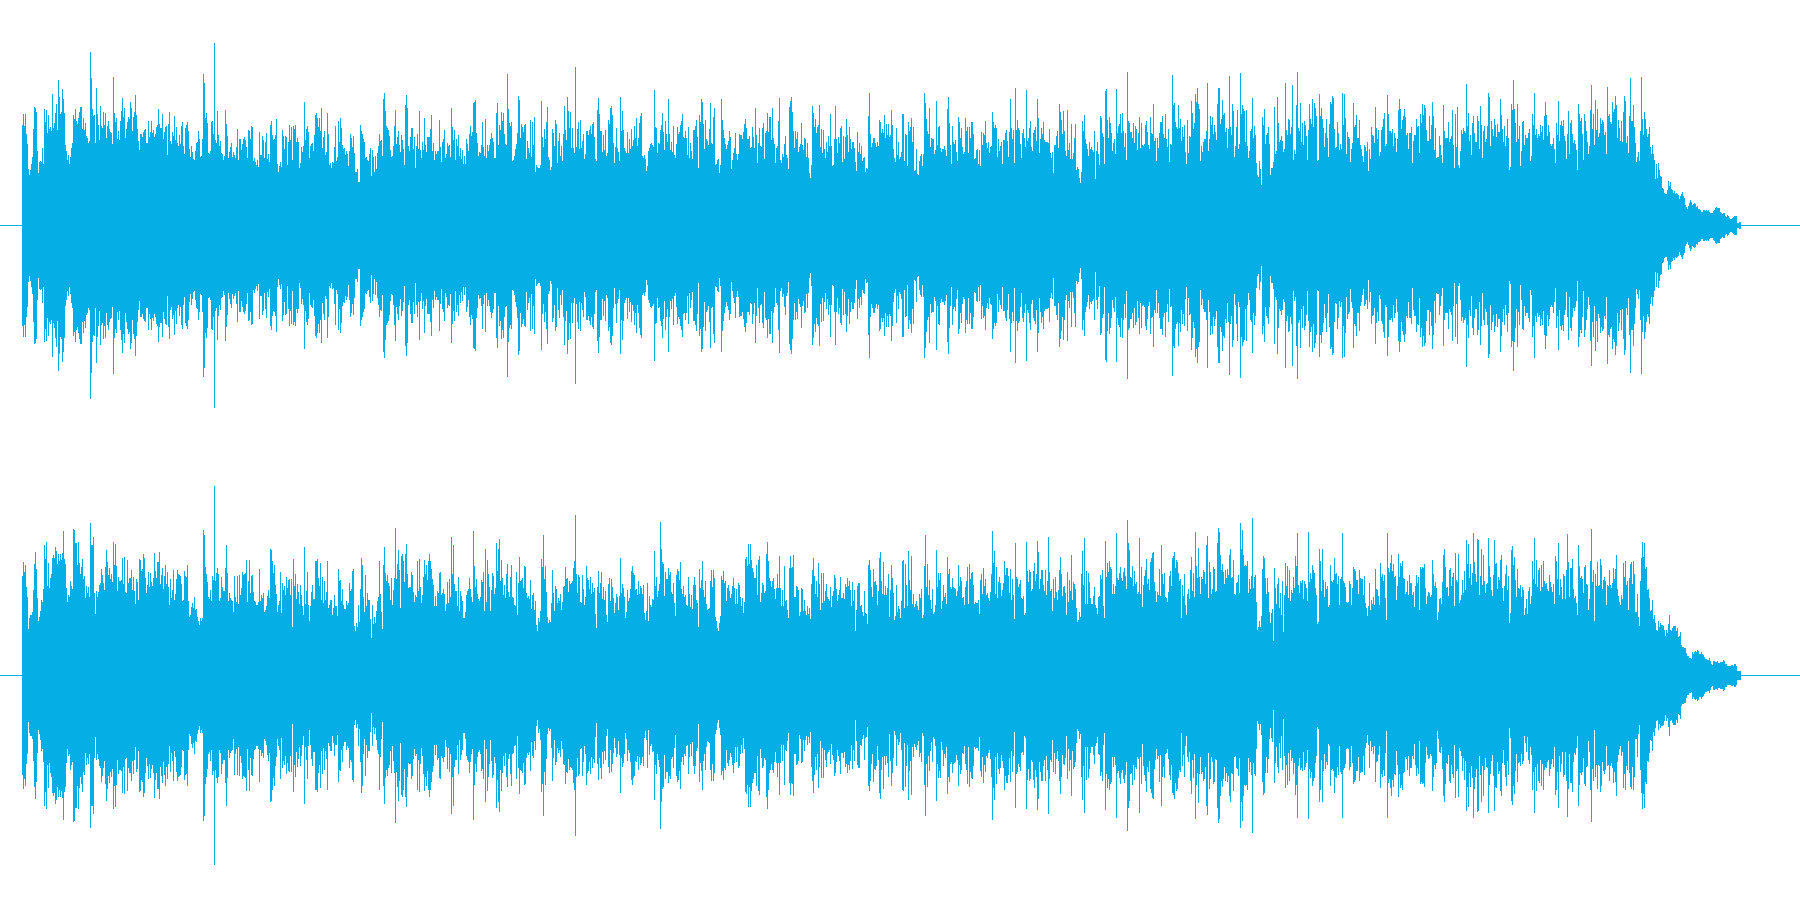 ゲーム BGM 疾走感を伴った戦闘シー…の再生済みの波形